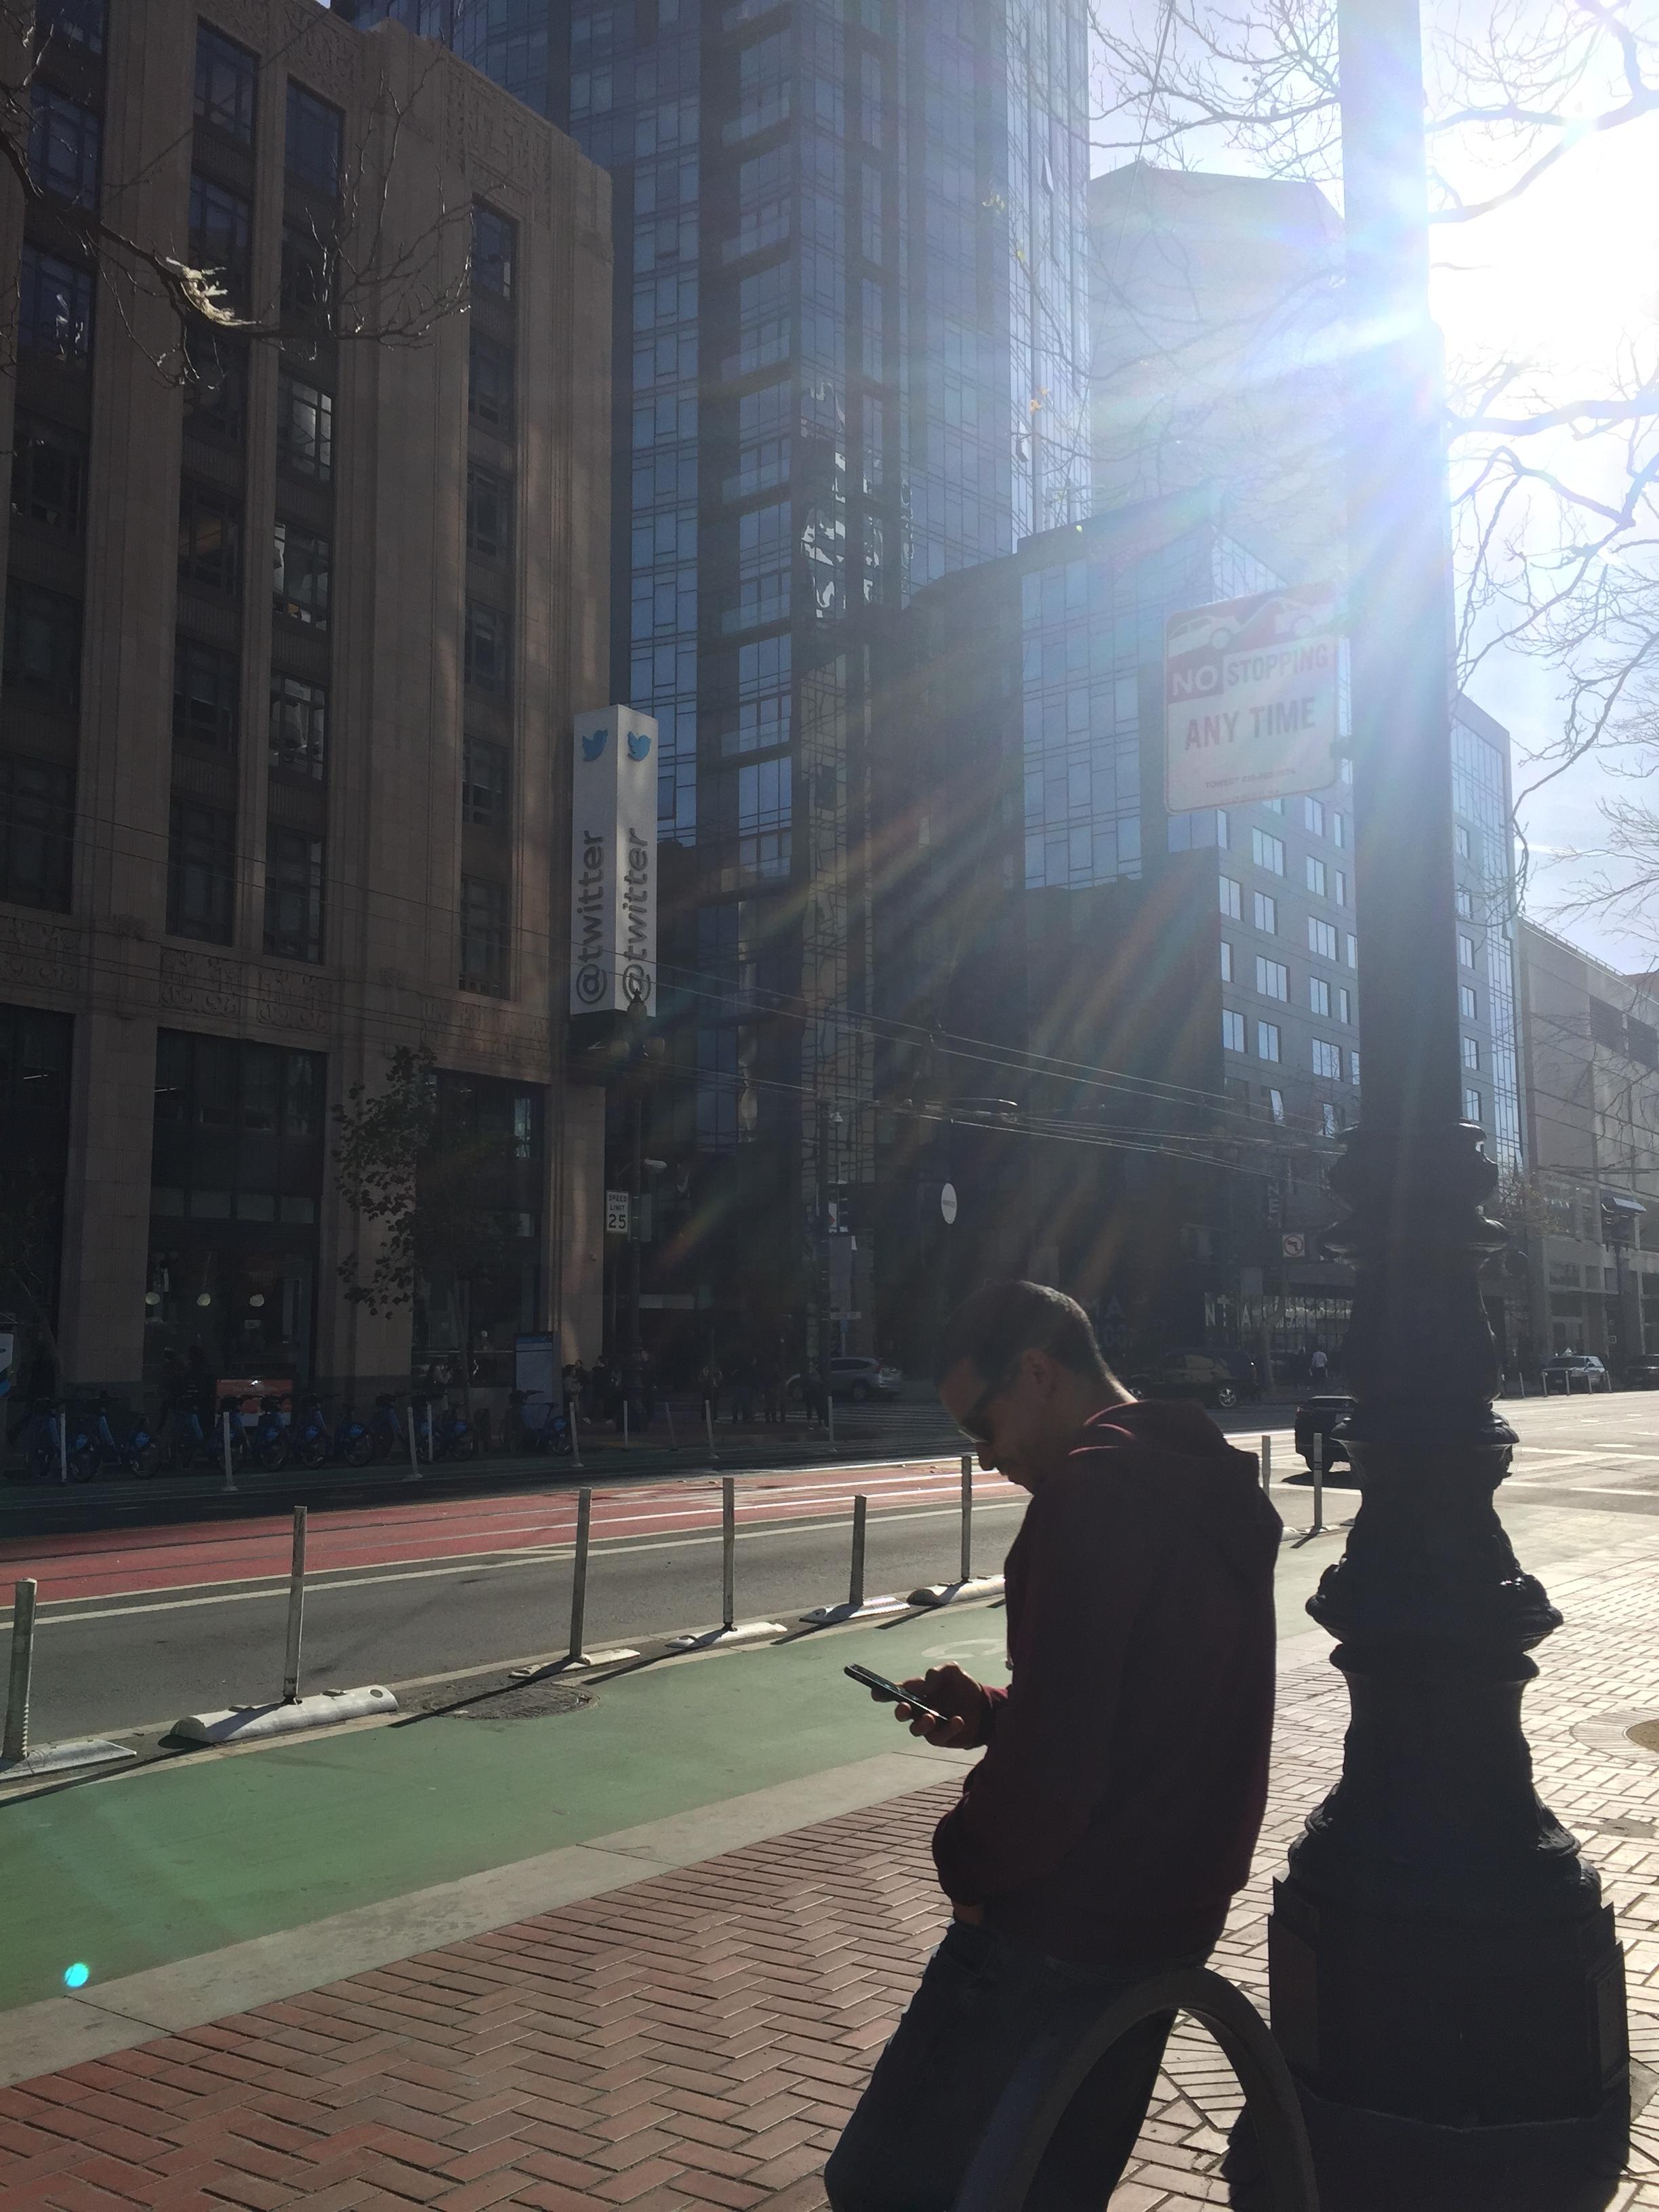 On Market Street, outside Twitter Headquarters